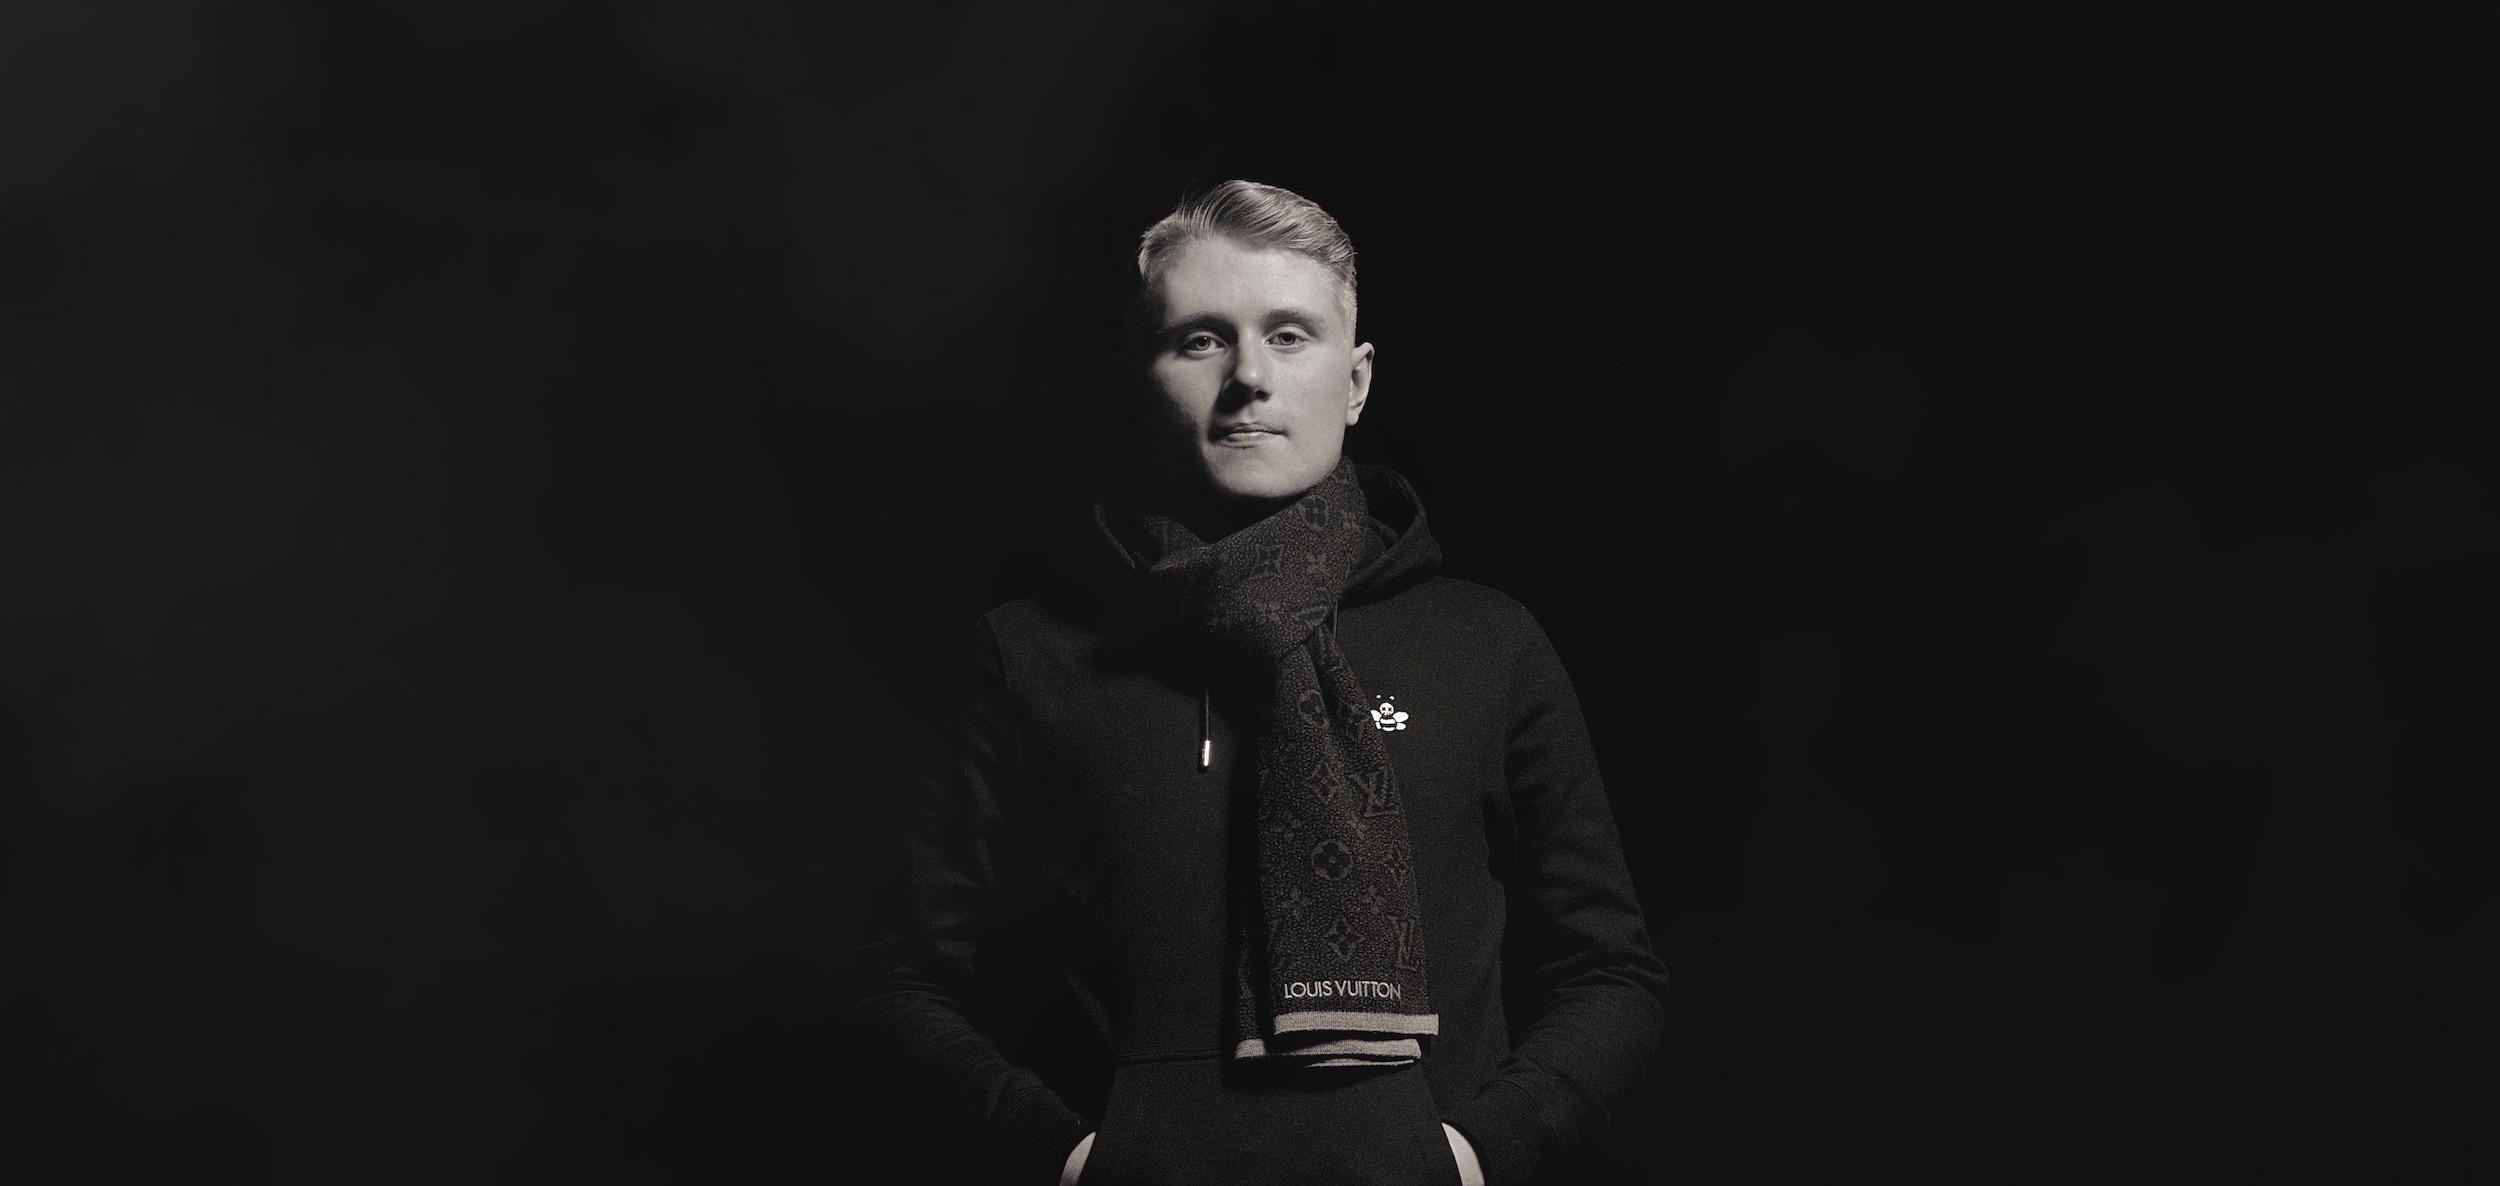 Einár är årets mest populära låtskrivare 2019